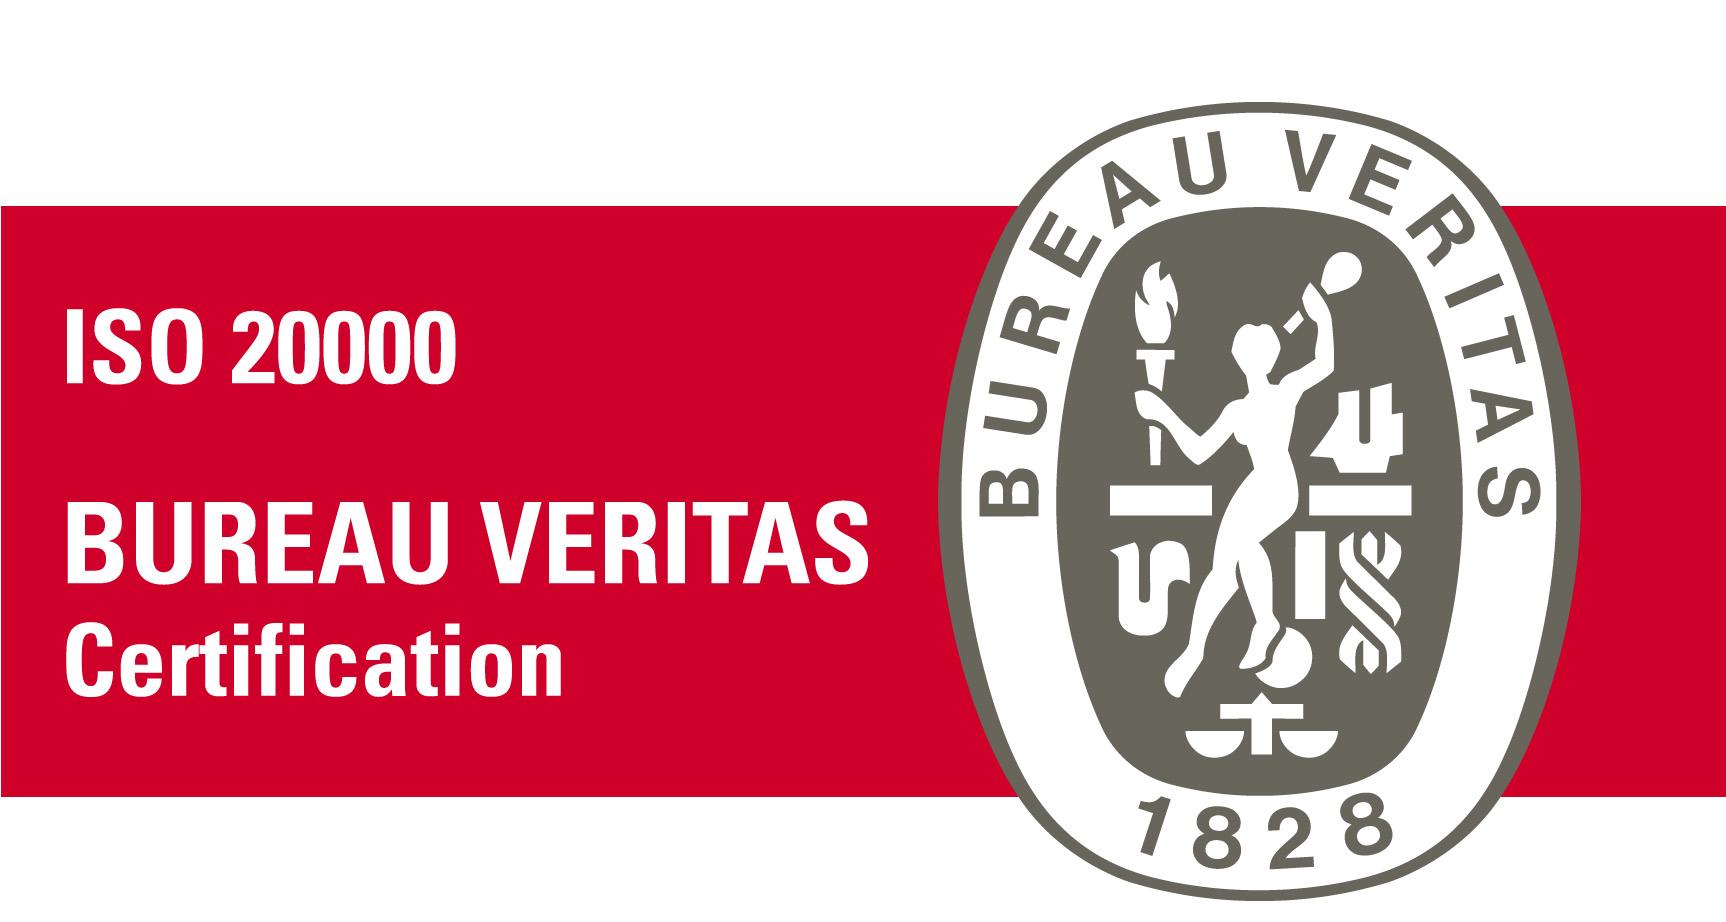 ISO 20000 standartas – BS/2 paslaugų kokybės rodiklis